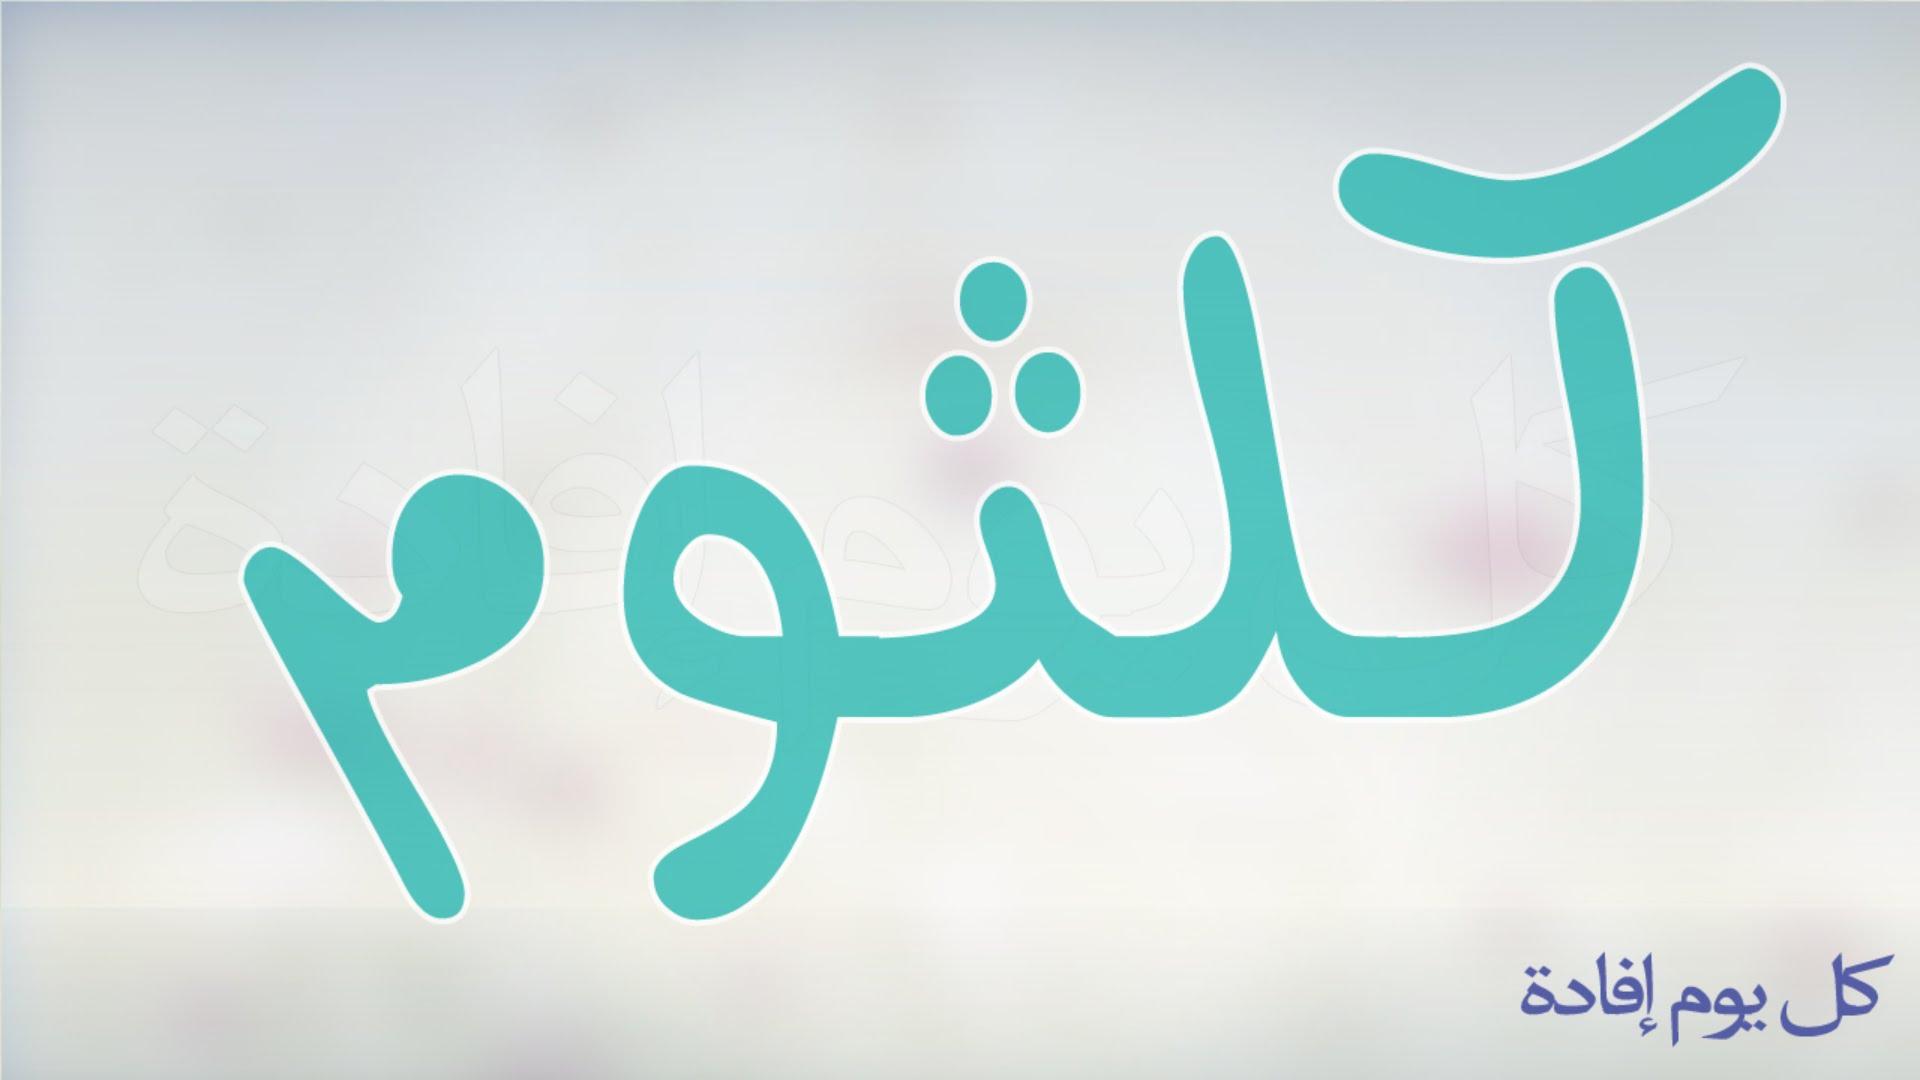 بالصور معنى اسم ام كلثوم في اللغة العربية 20160715 1612